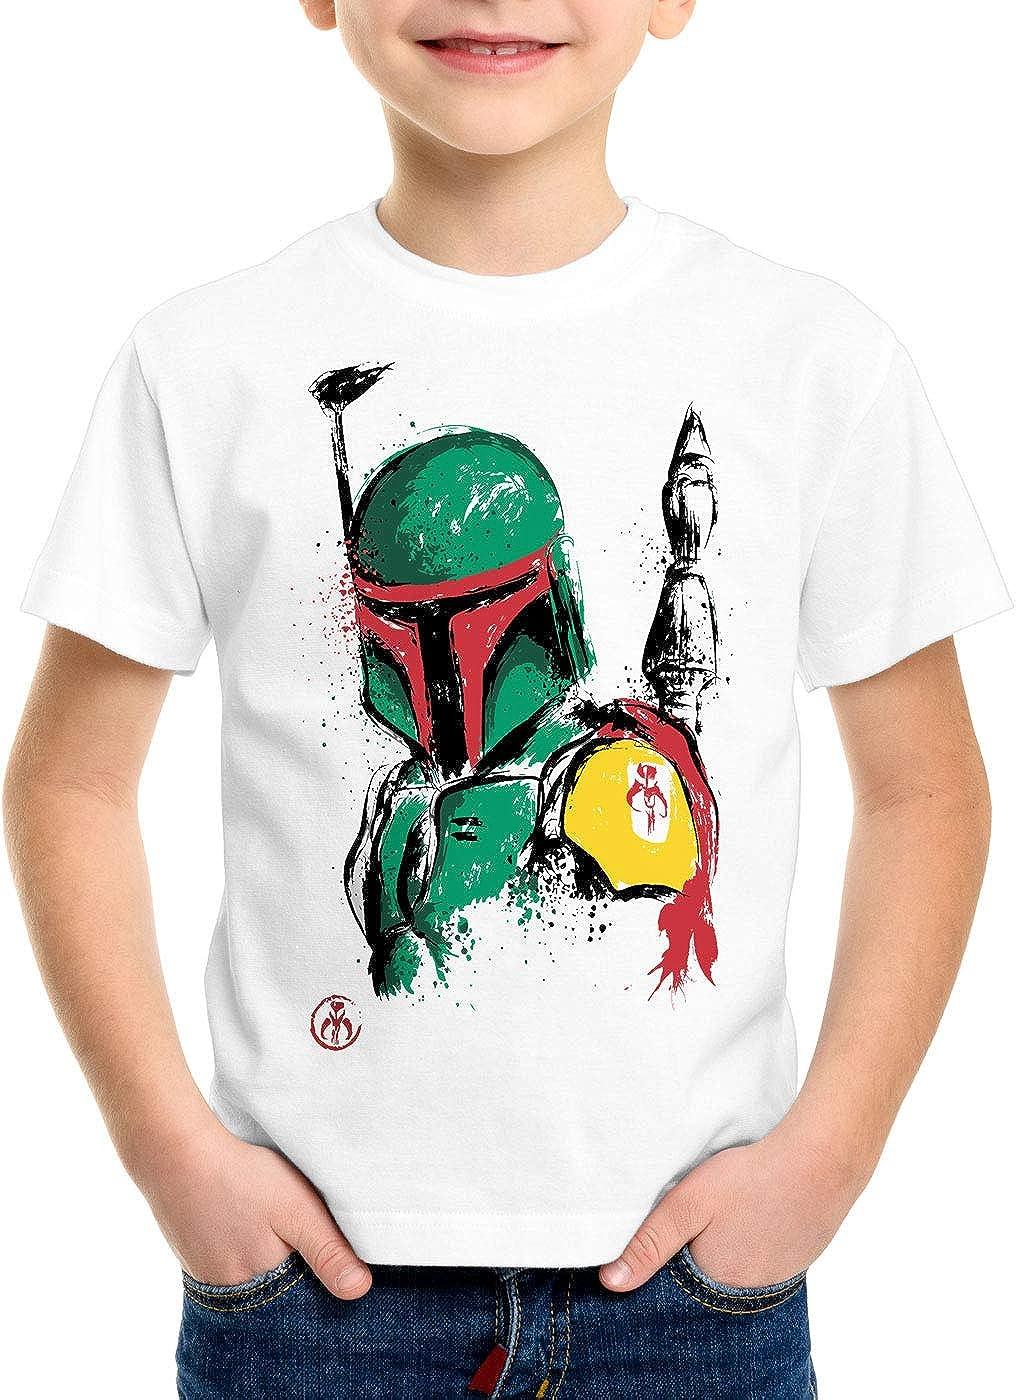 A.N.T Boba Cacciatori di Taglie T-Shirt per Bambini e Ragazzi Mando slave1 Bounty Hunter